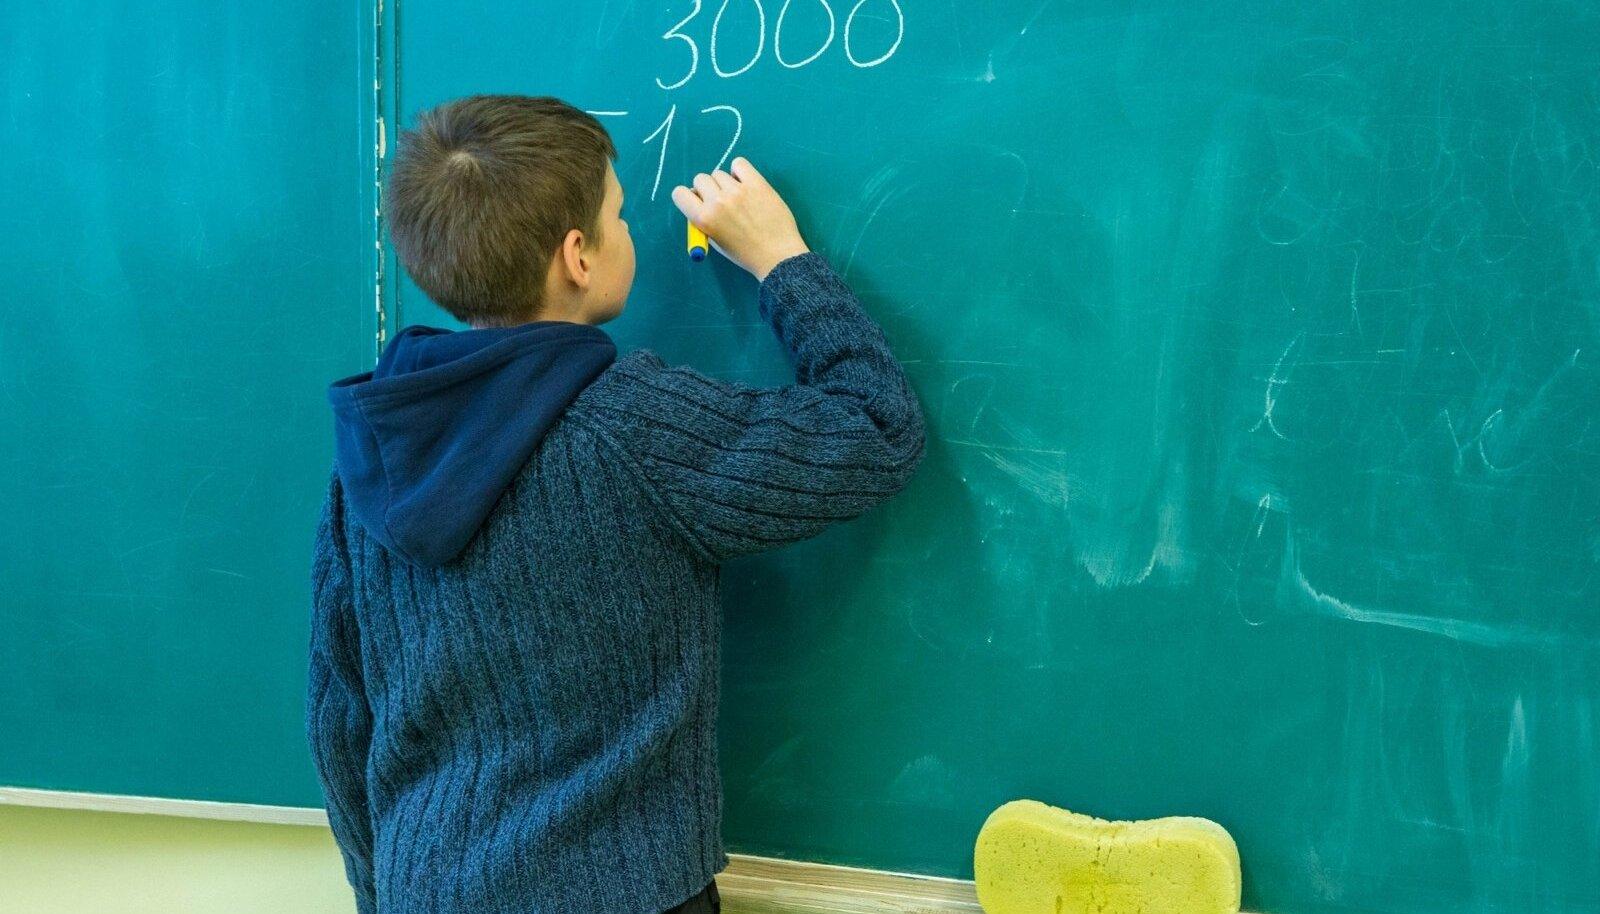 Matemaatika lahenduskäik jättis teistsuguse lahenduskäigu eest eksaminandi osadest punktidest ilma.